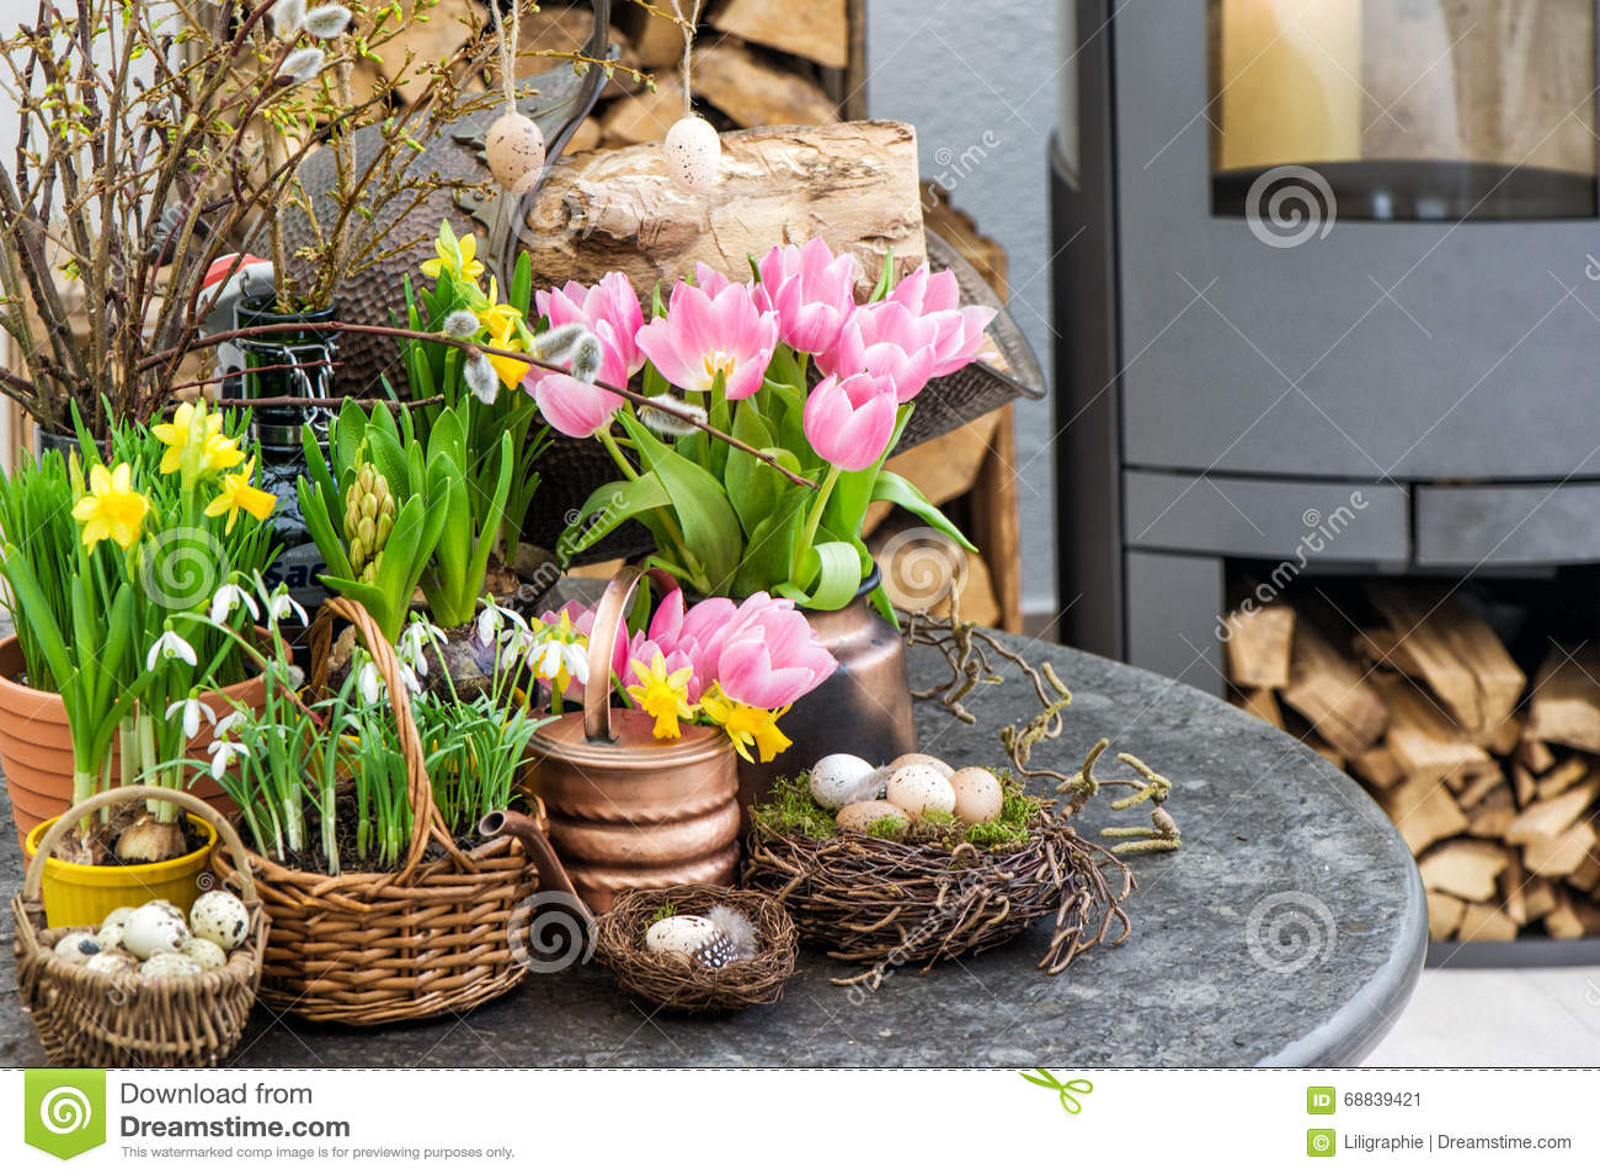 Ostern Dekoration Bl Ht Eier Tulpen Schneegl Ckchen